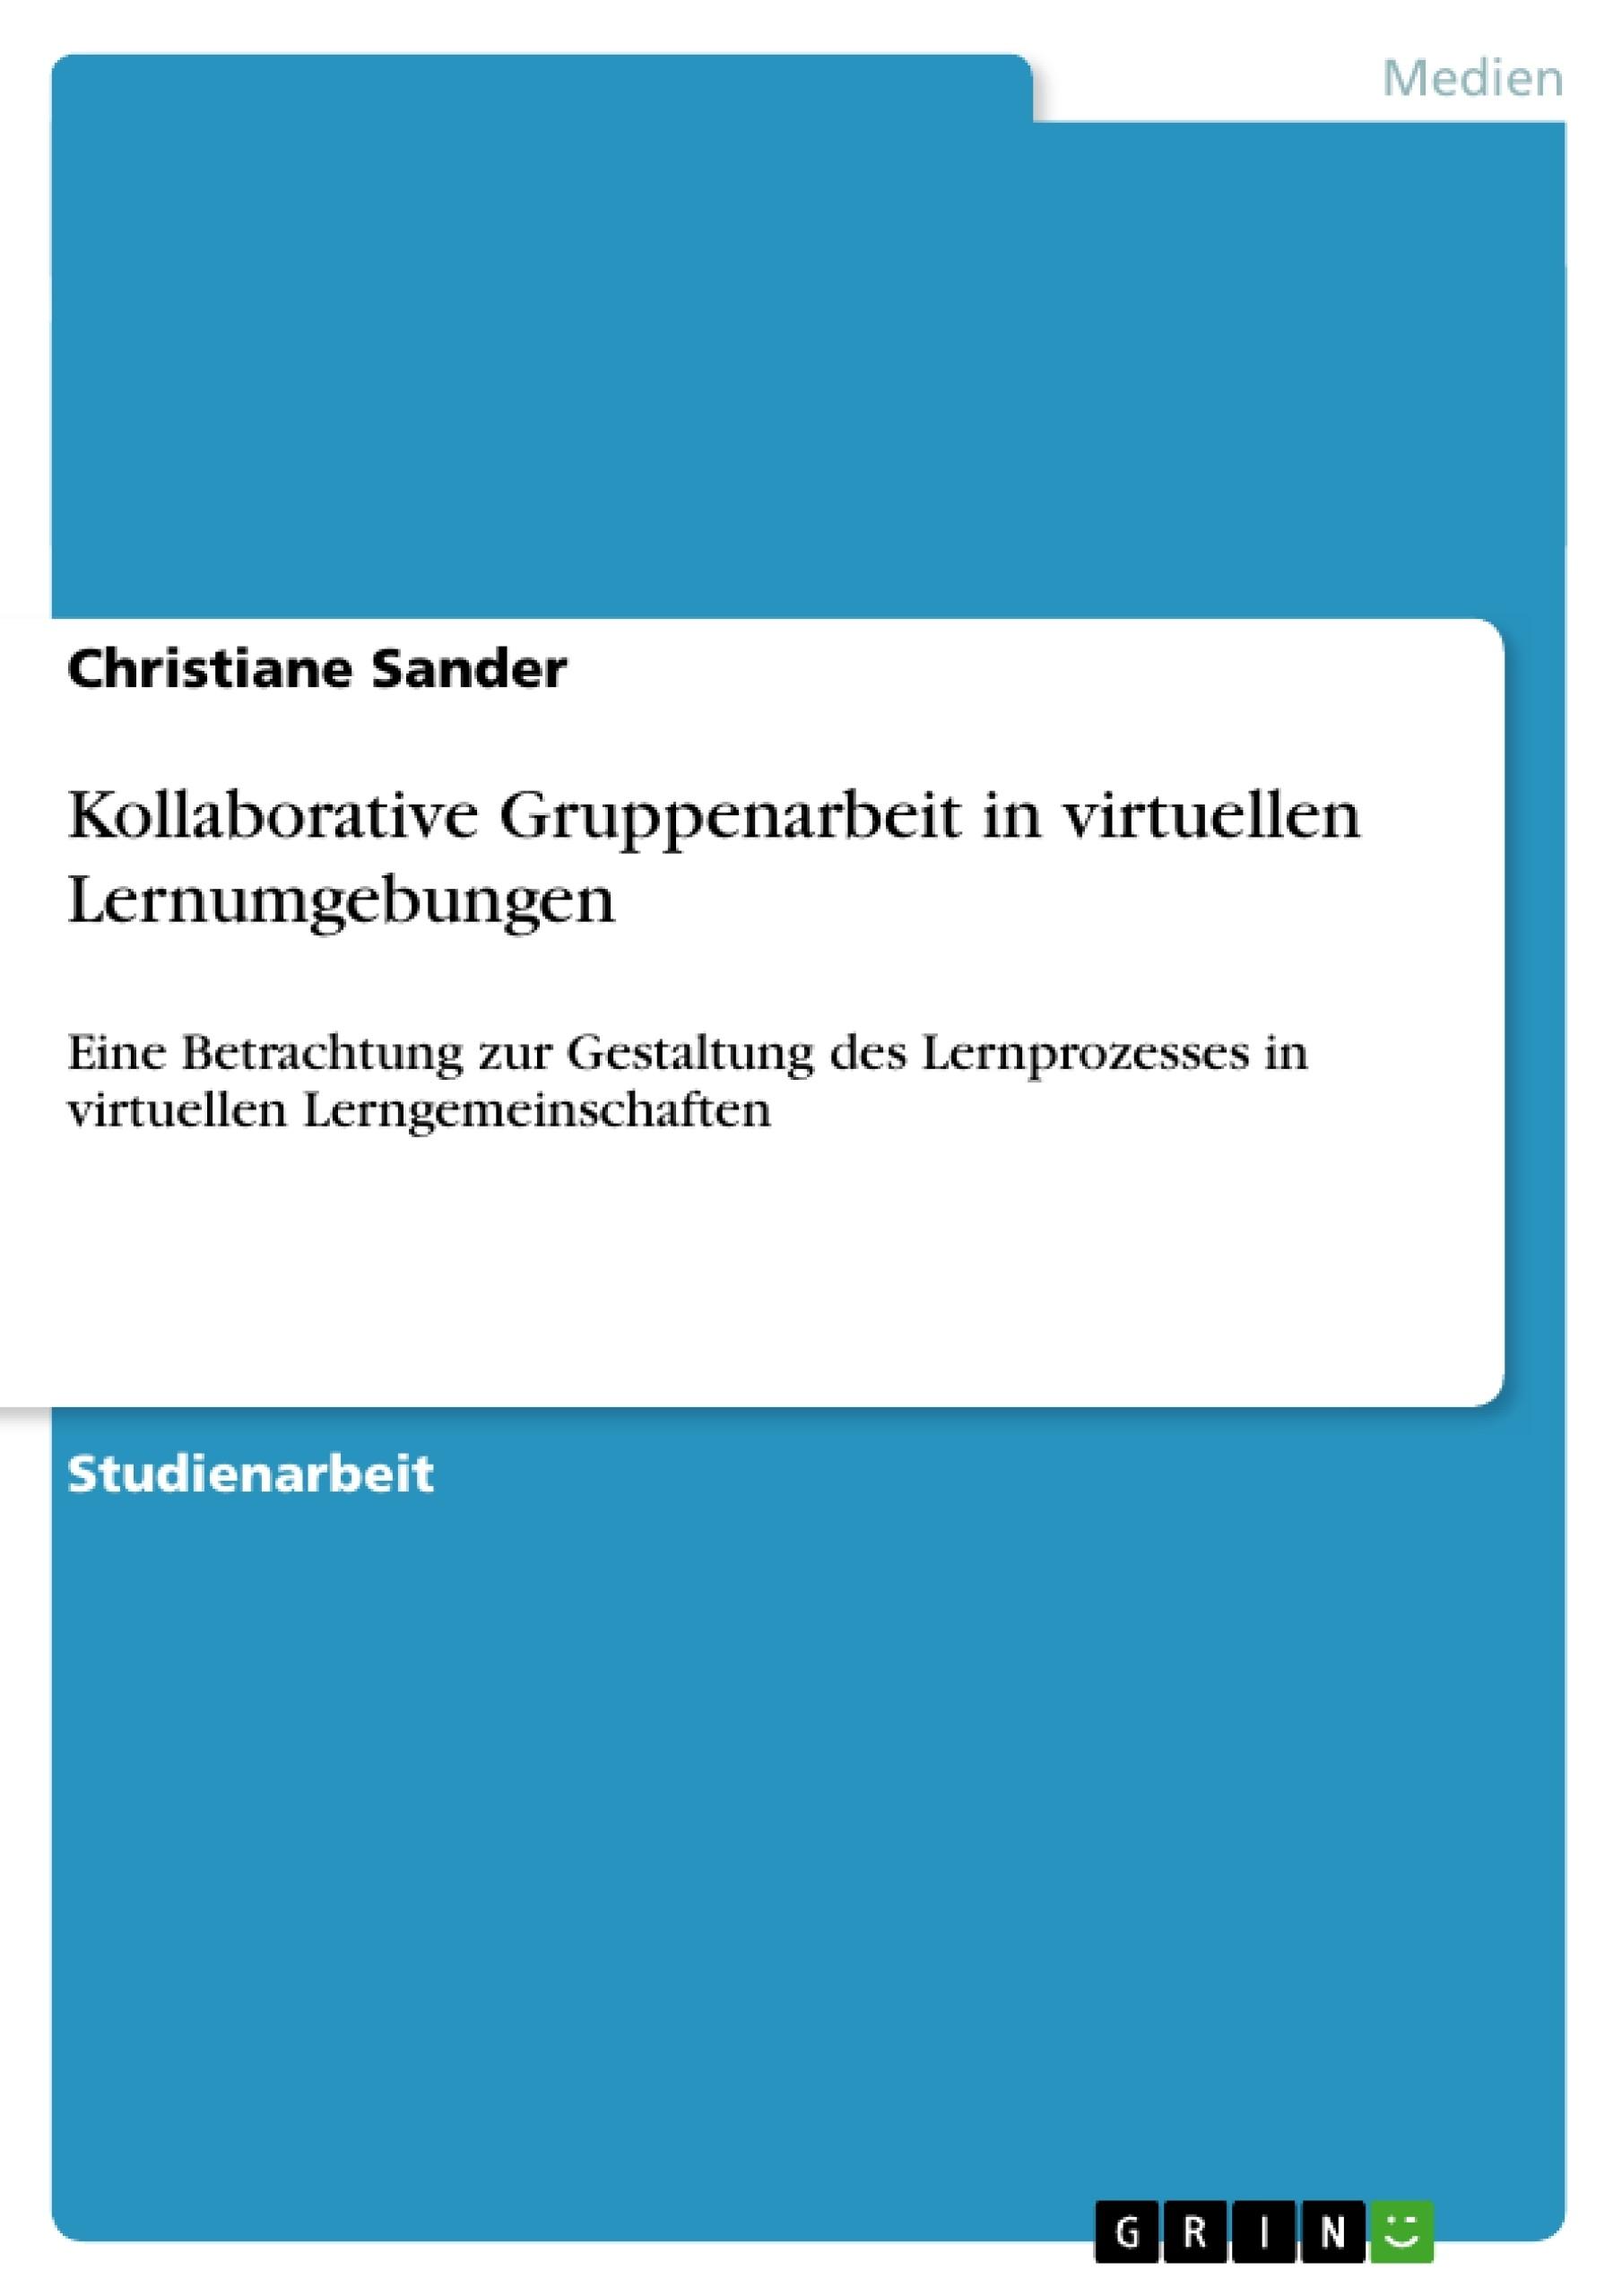 Titel: Kollaborative Gruppenarbeit in virtuellen Lernumgebungen